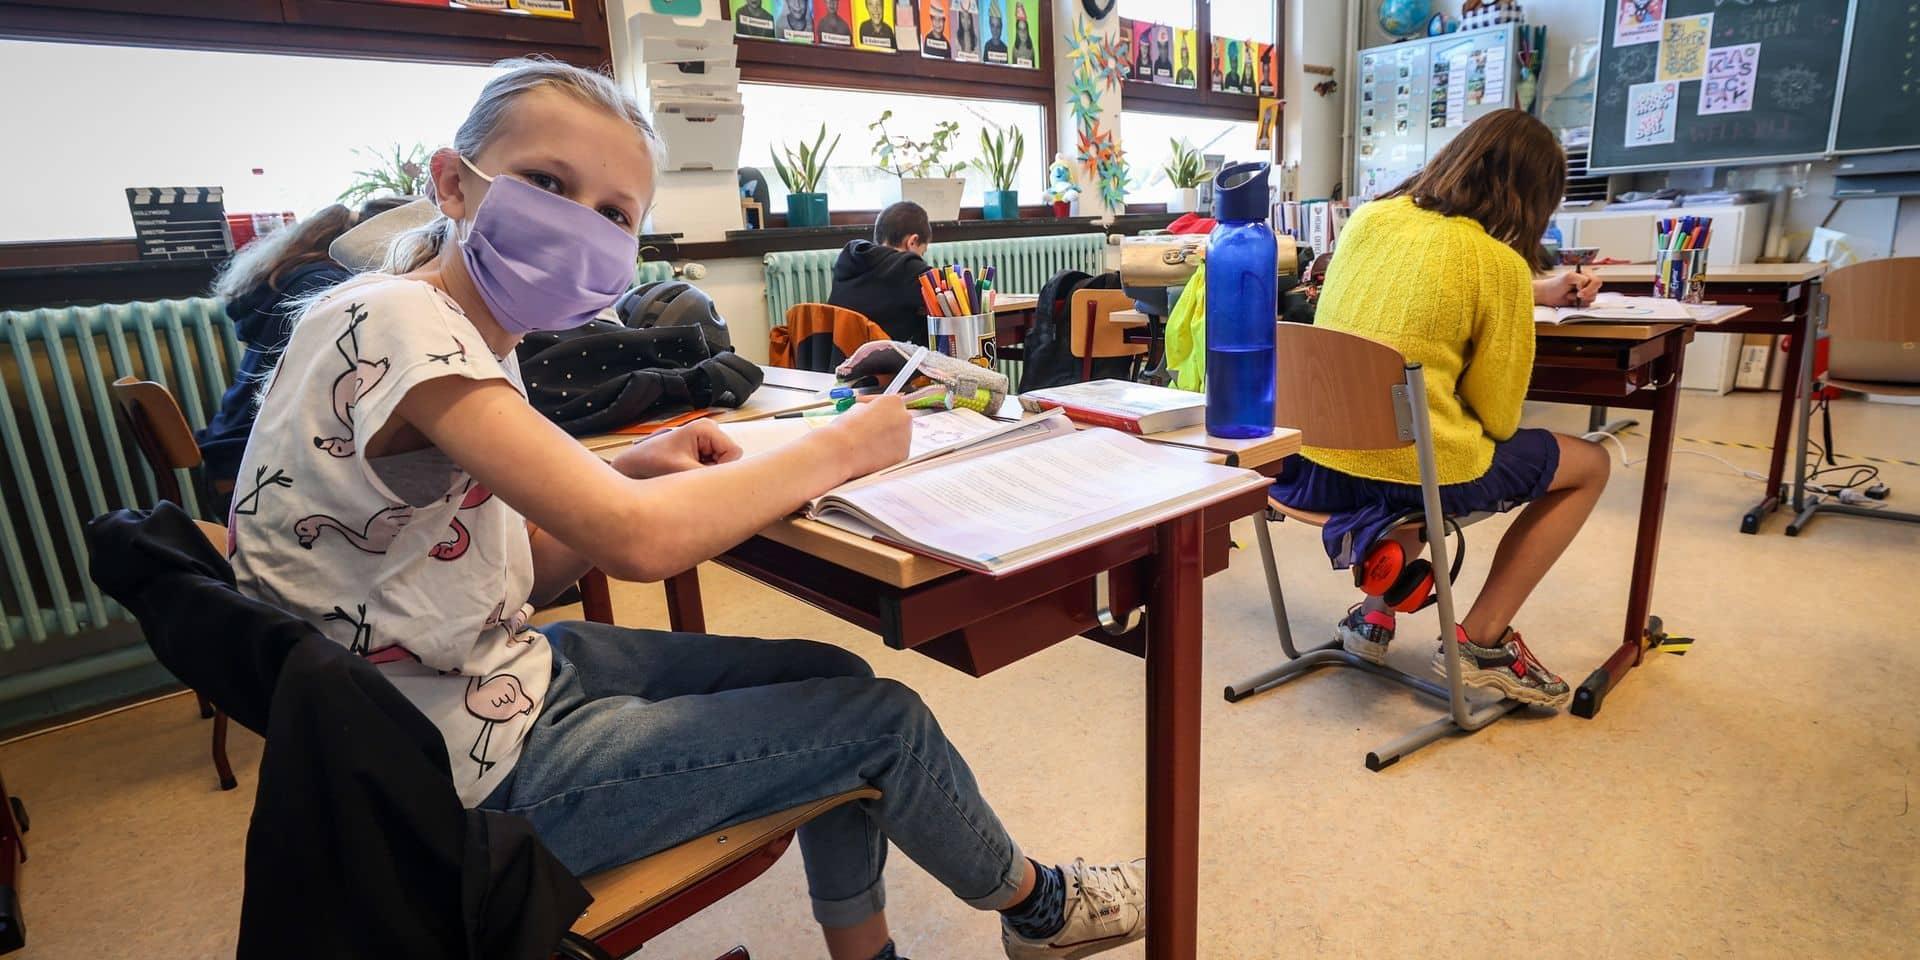 Rentrée scolaire: les écoles bruxelloises toujours aussi saturées